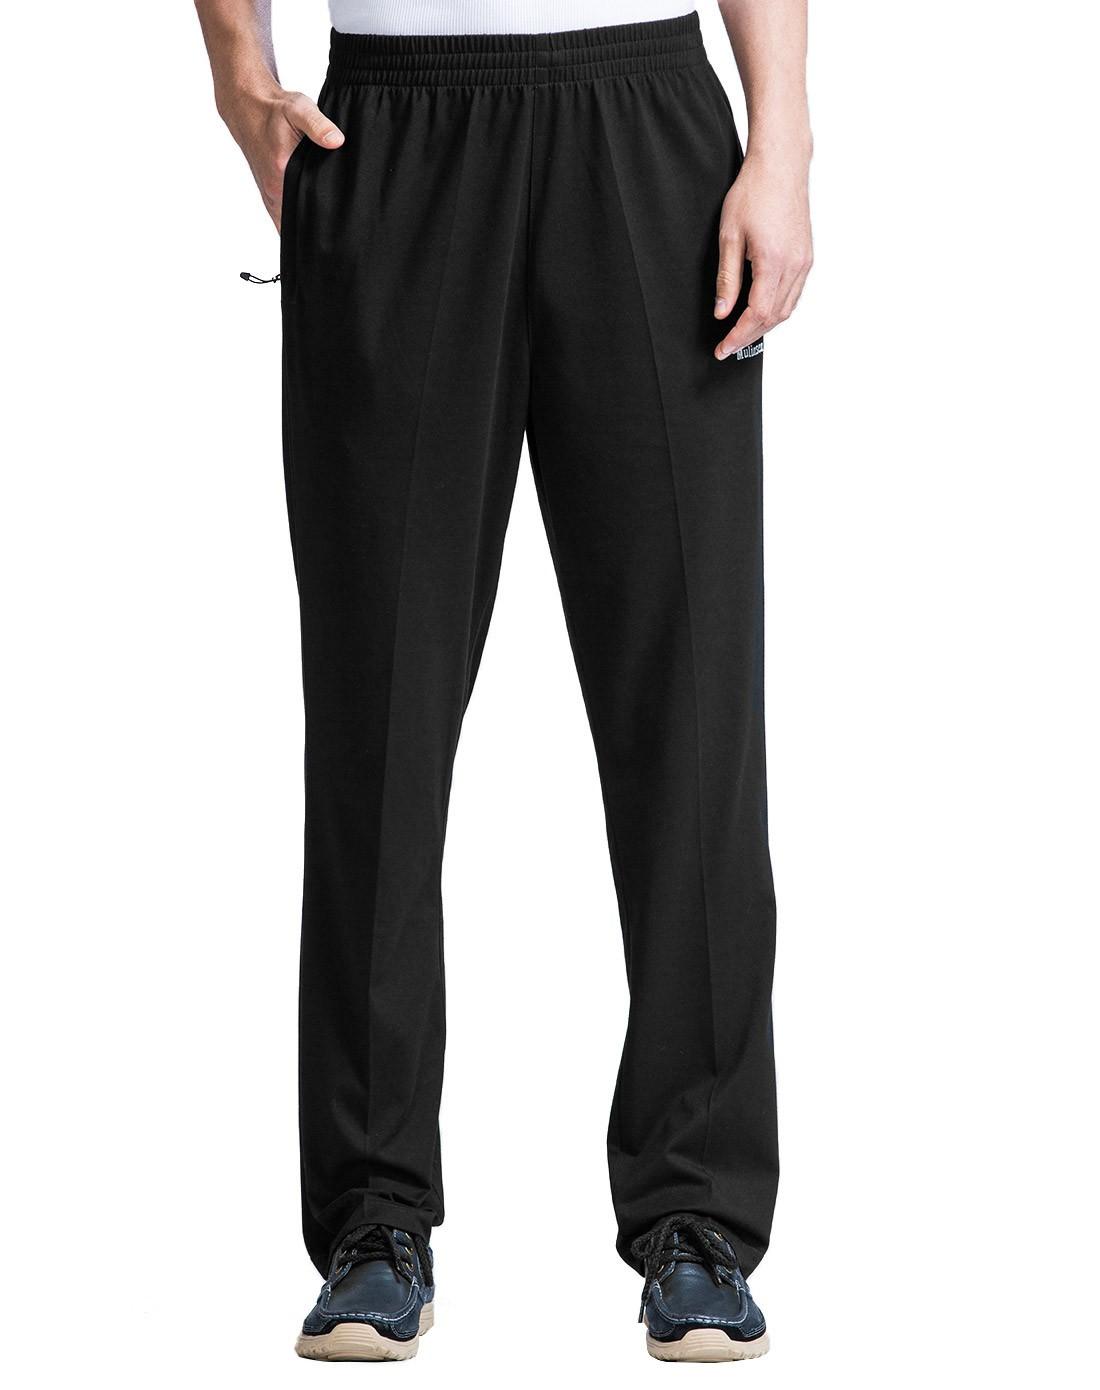 时尚运动 男款黑色运动裤 休闲大方